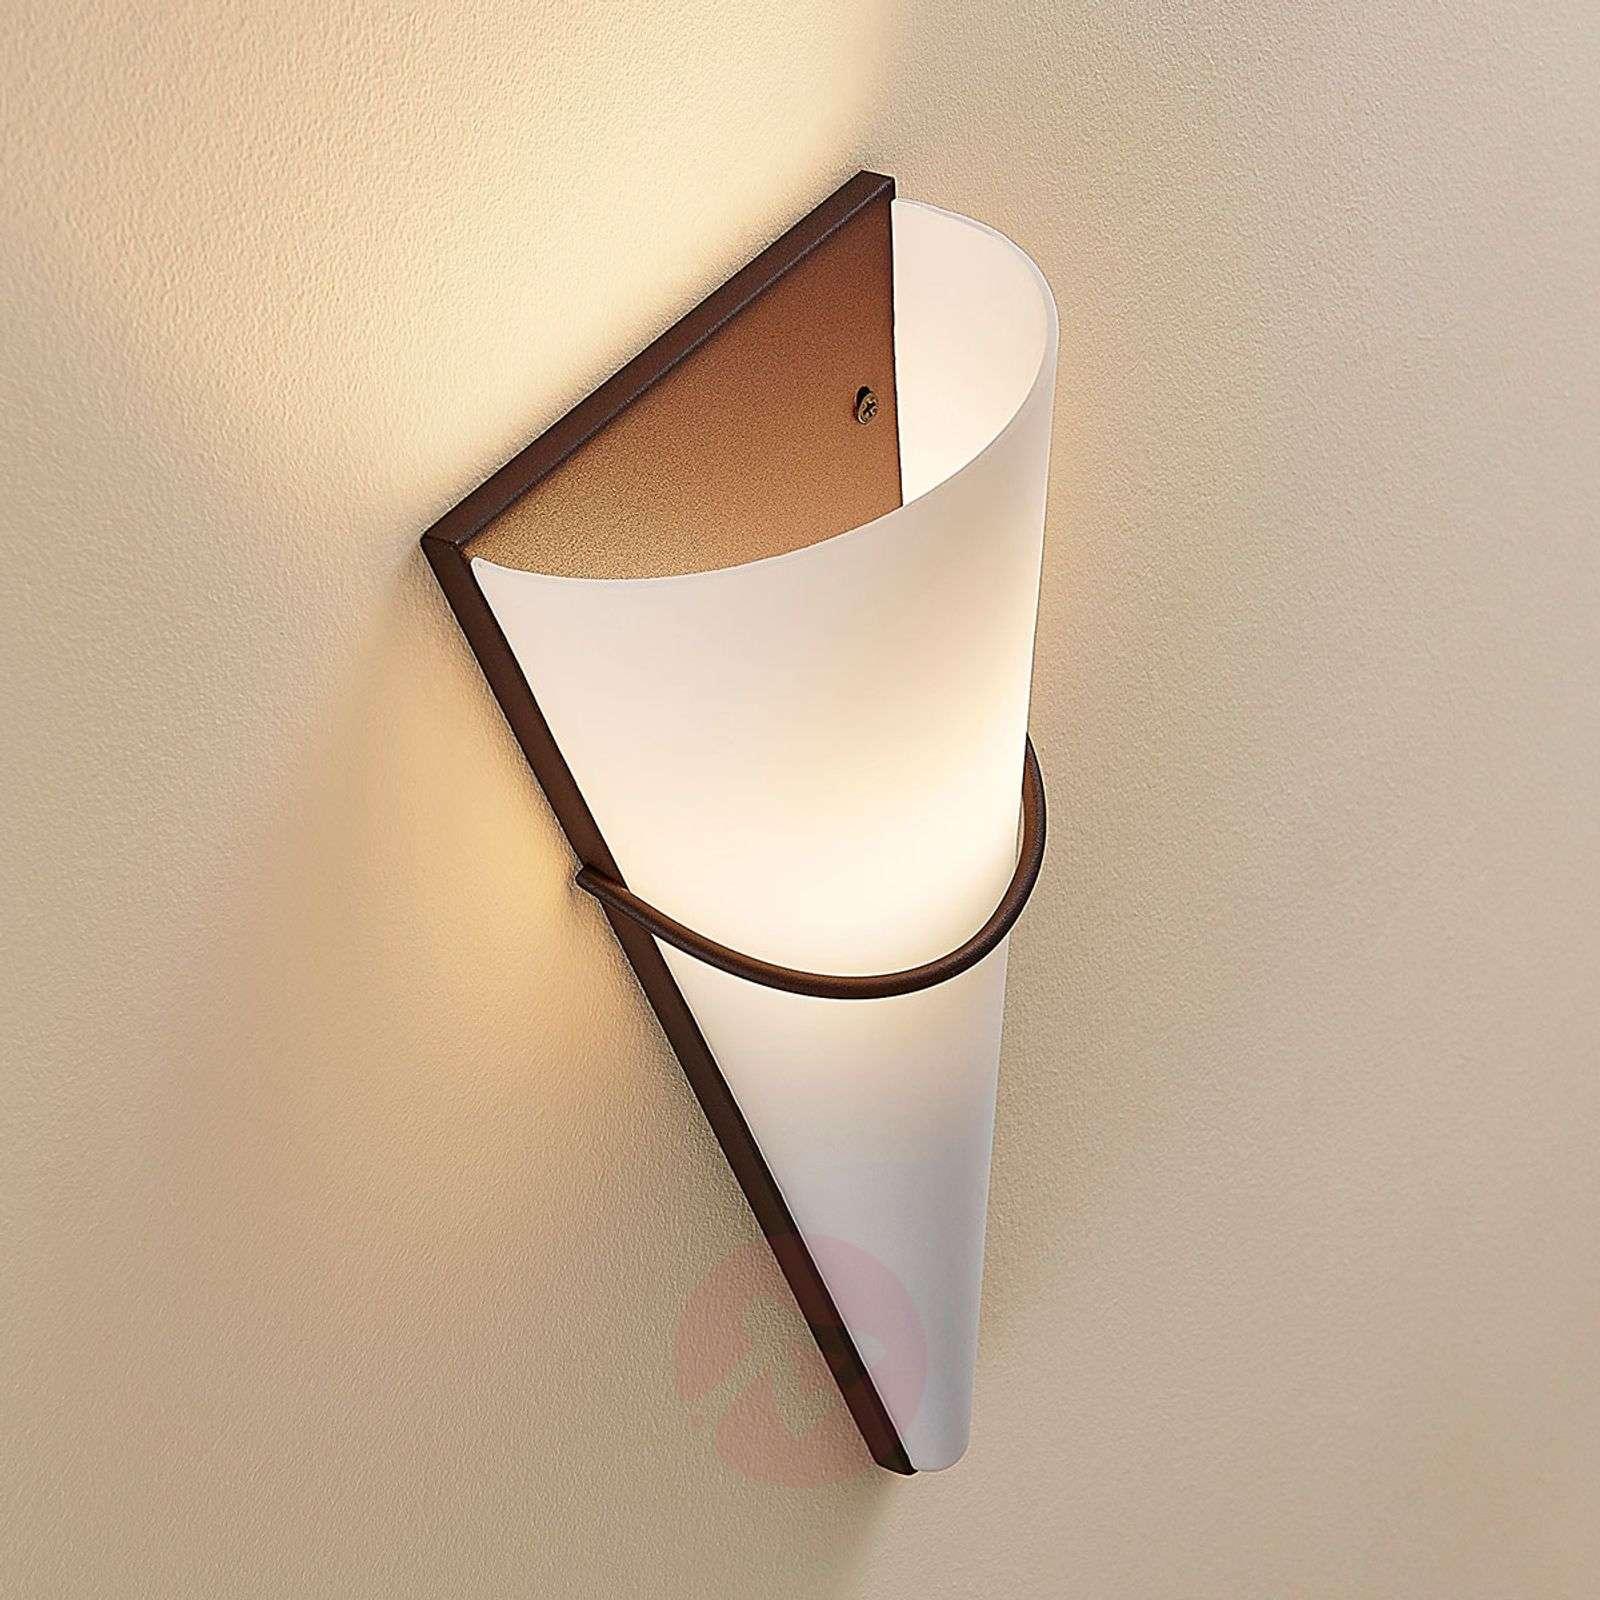 LED-seinävalaisin Melek, ruosteenvärinen koriste-9620367-01